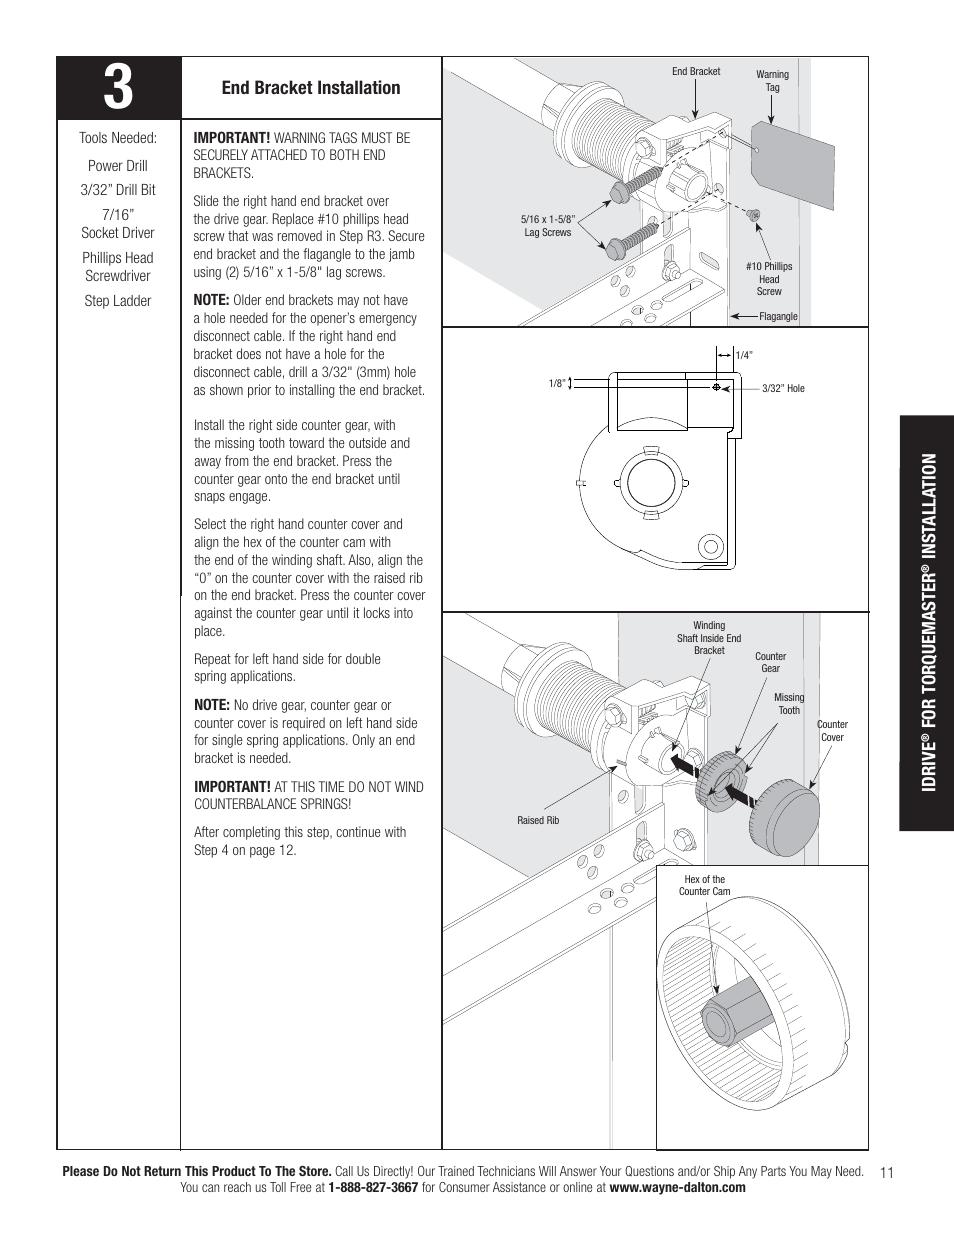 wayne dalton idrive user manual